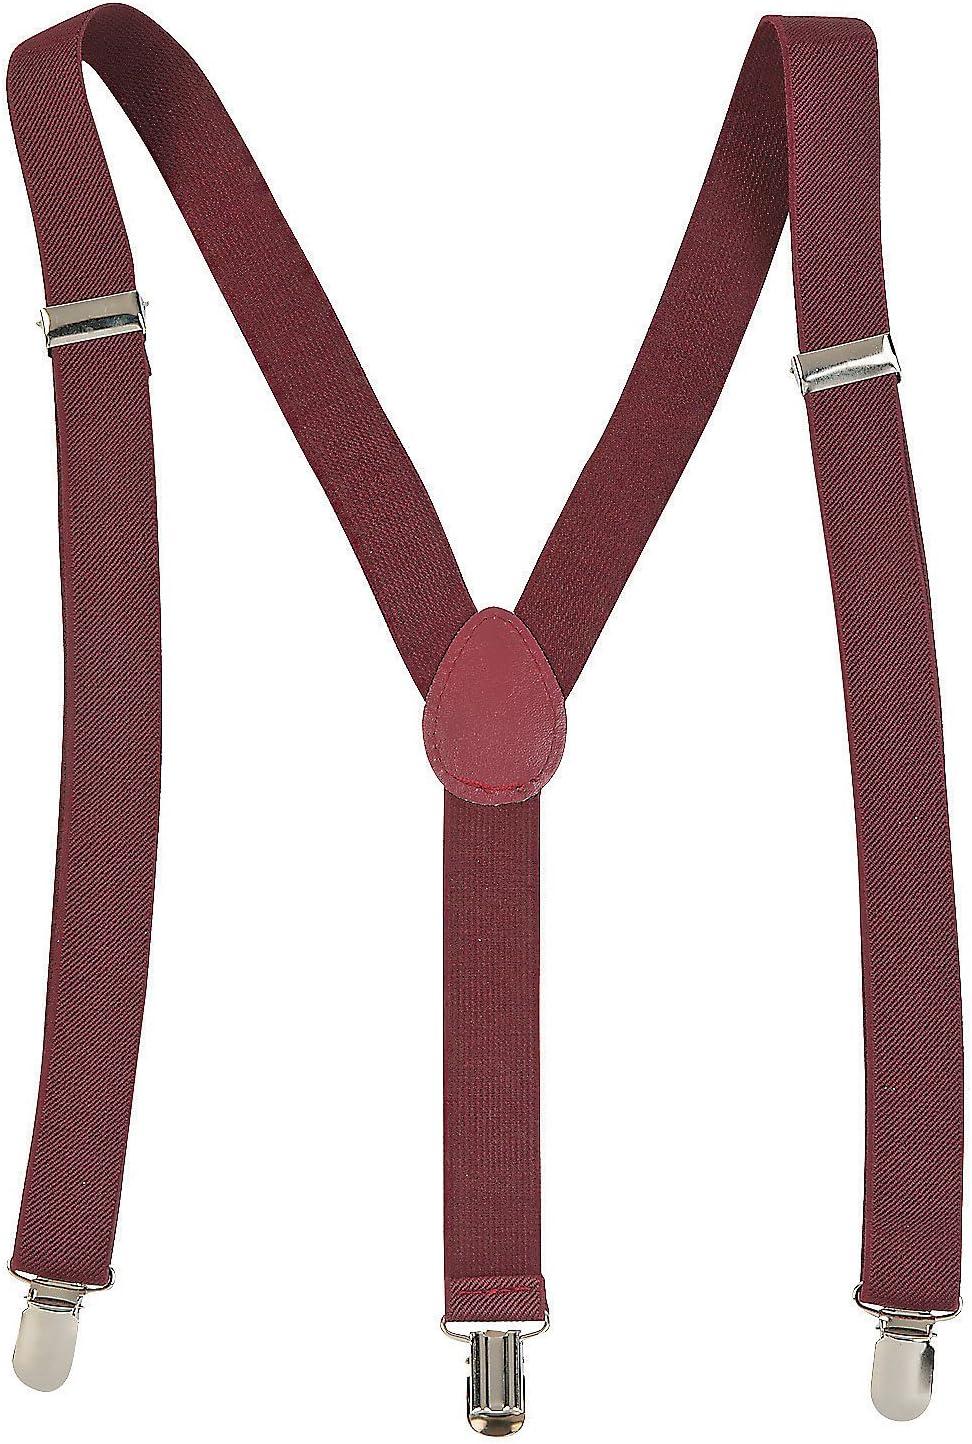 Fun Express Team Spirit Suspenders Burgundy - Apparel Accessories - 1 Piece